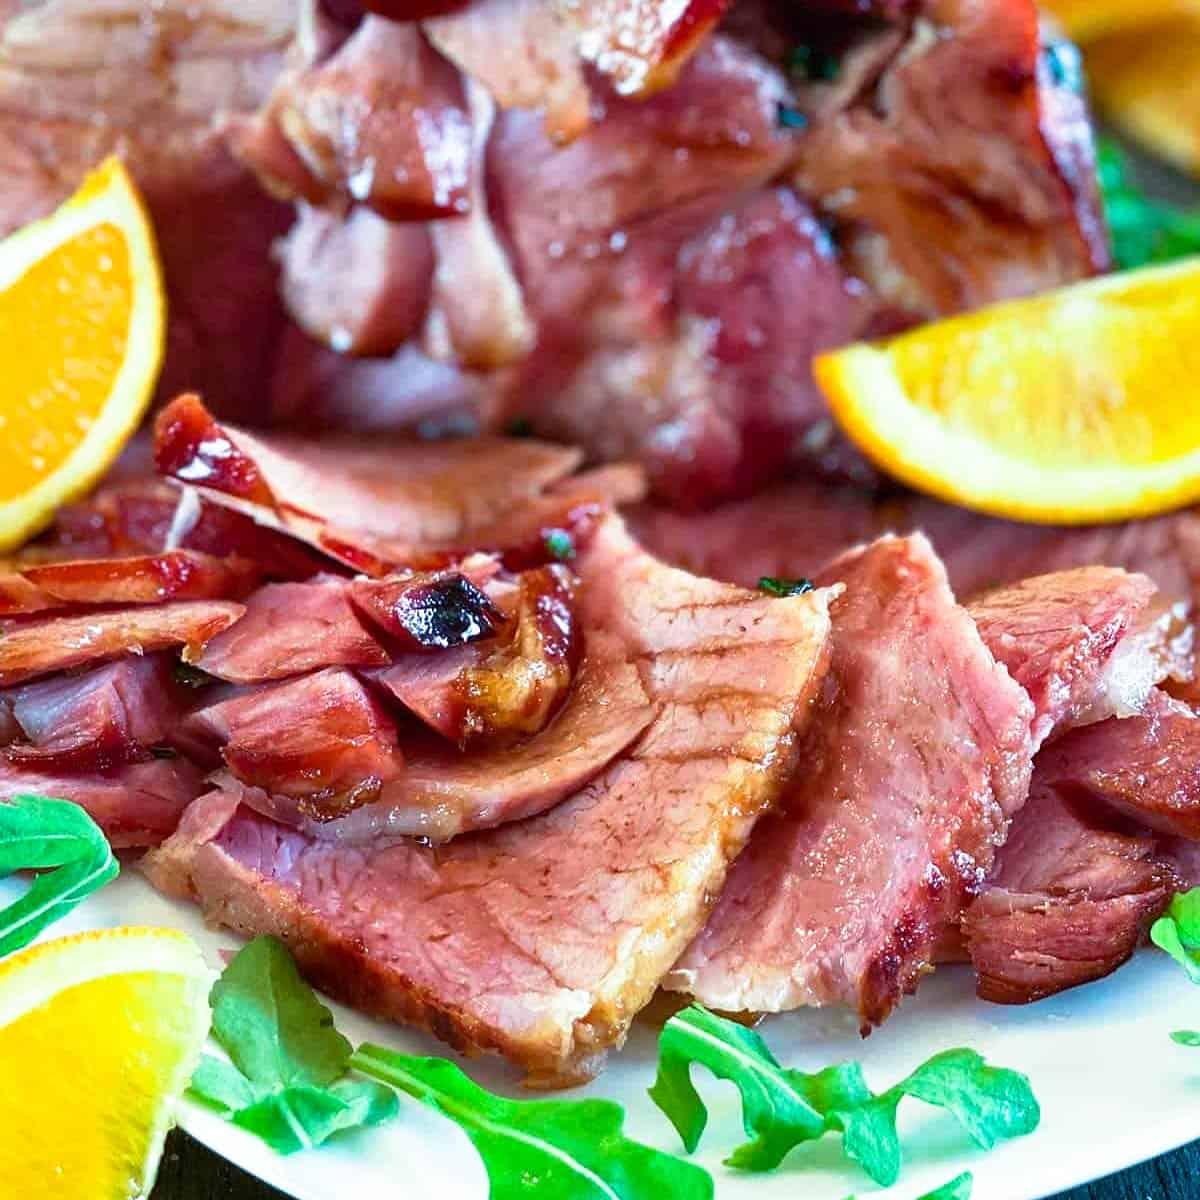 Slices of ham with glaze